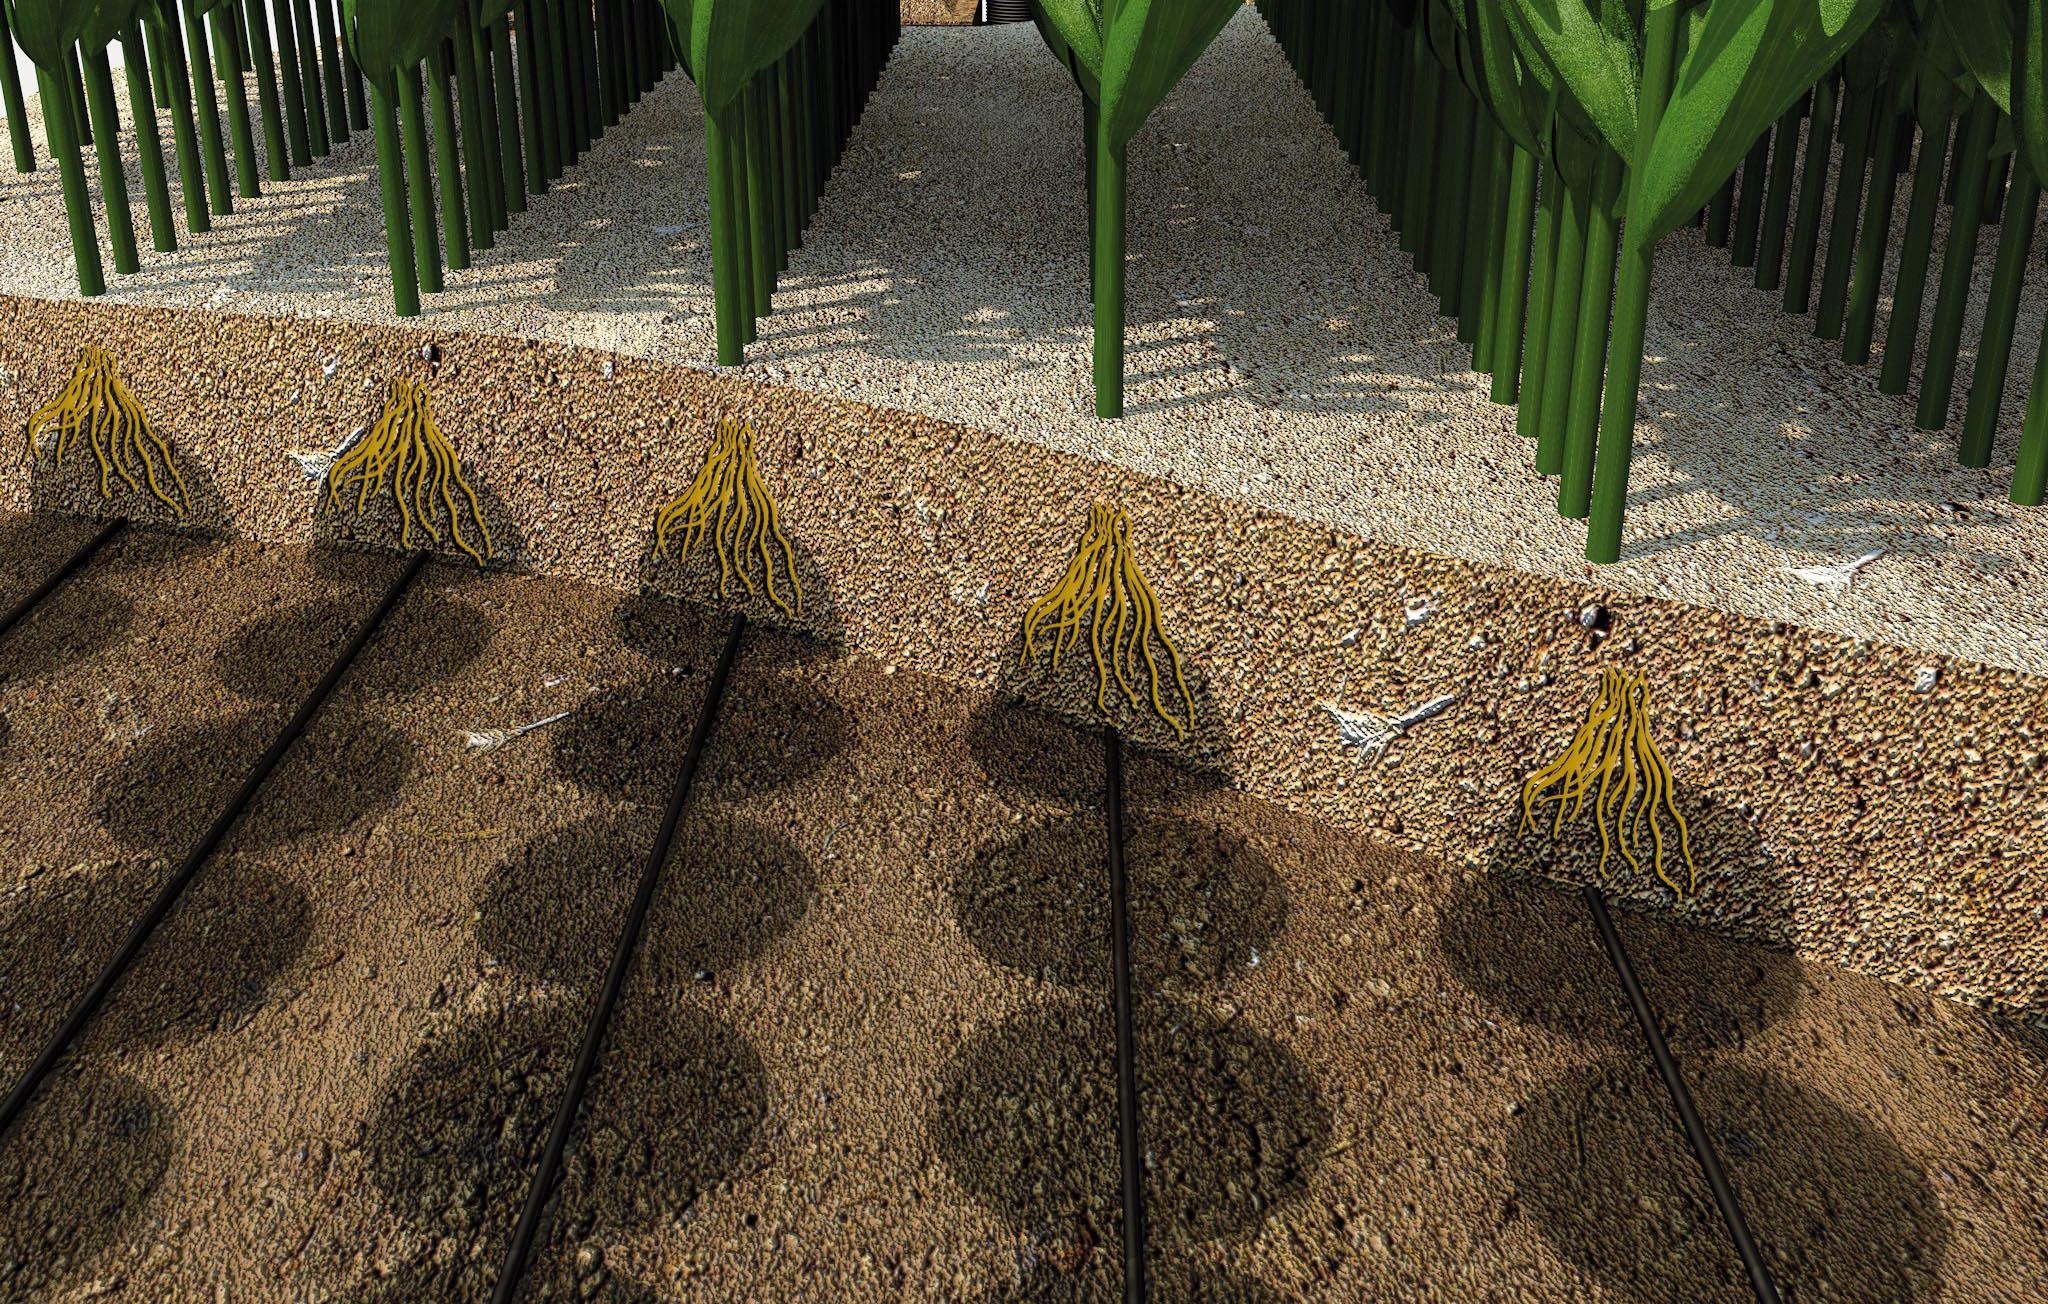 subirrigazione e risparmio idrico